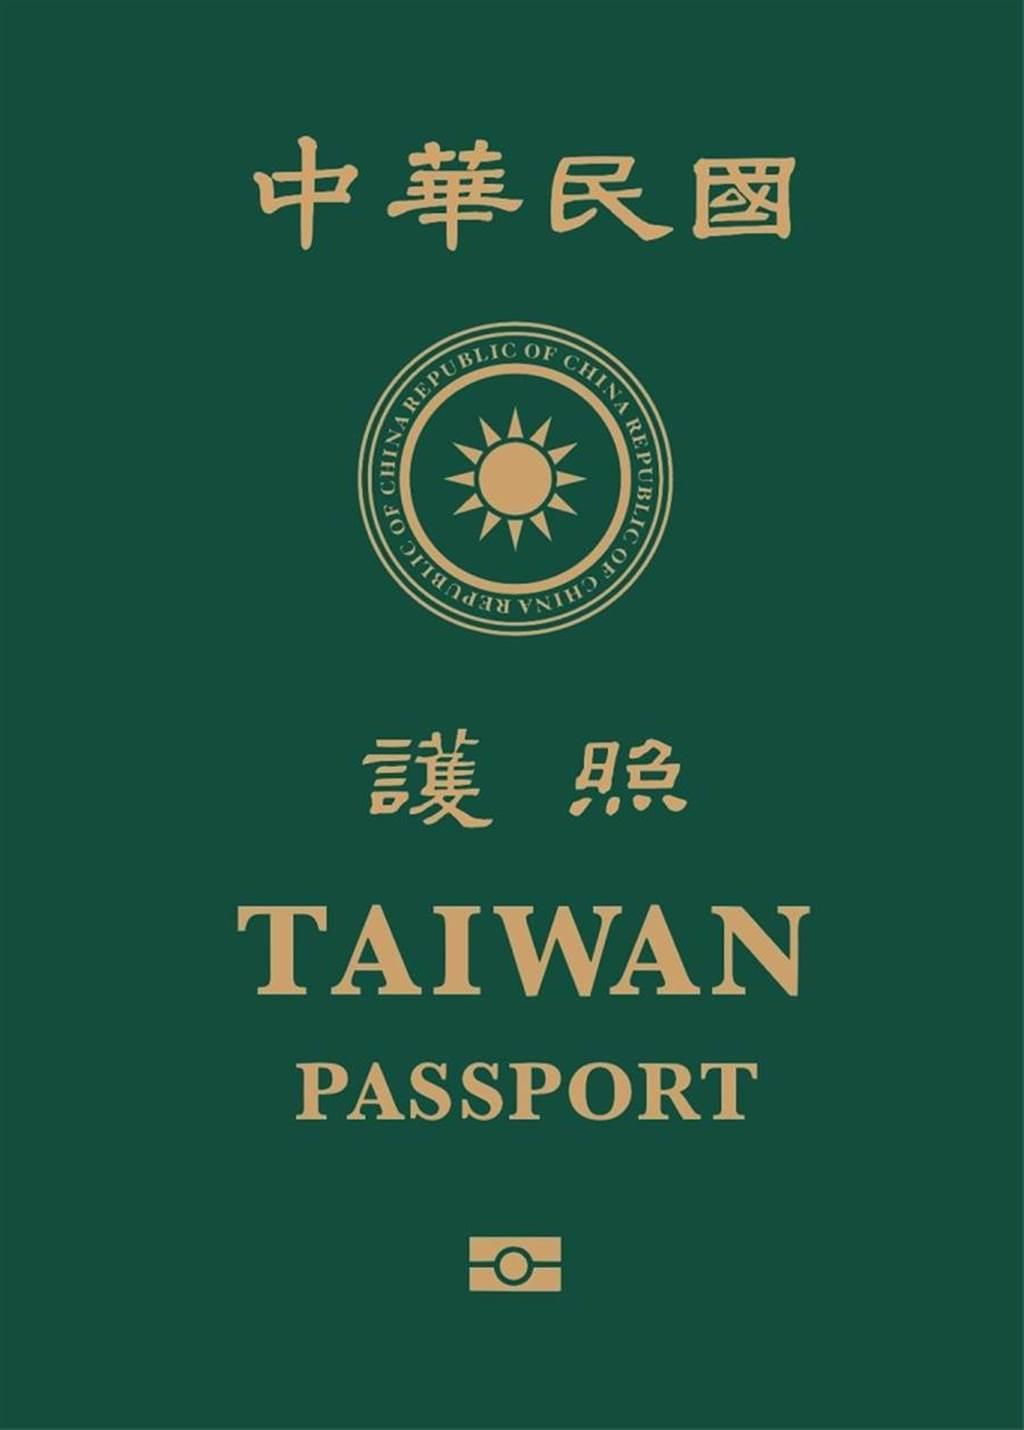 為了提升台灣在國際間的辨識度,行政院2日舉行「新版護照封面」記者會,由外交部長吳釗燮宣布改版後的護照樣式,新版護照封面縮小「REPUBLIC OF CHINA」字樣,ROC變小字繞國徽,放大「TAIWAN」字樣。新版護照明年一月發行。(外交部提供)